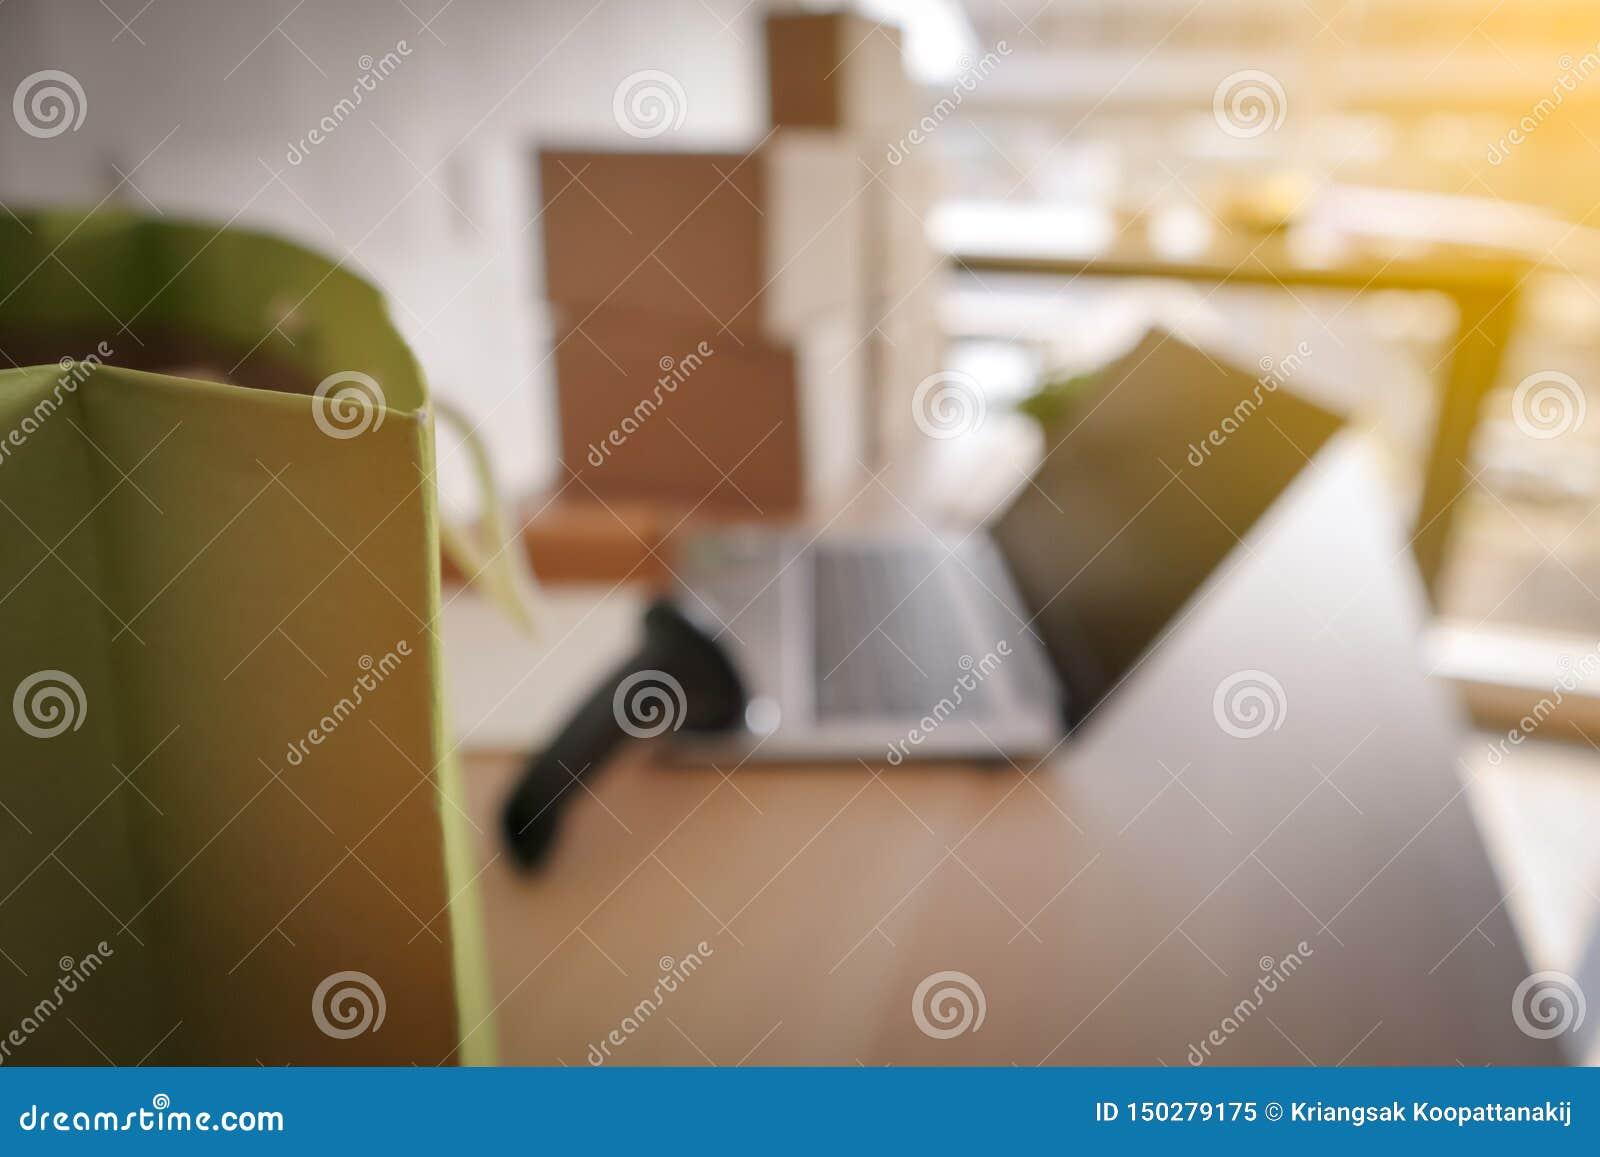 弄脏绿色购物的纸袋的图片与膝上型计算机的